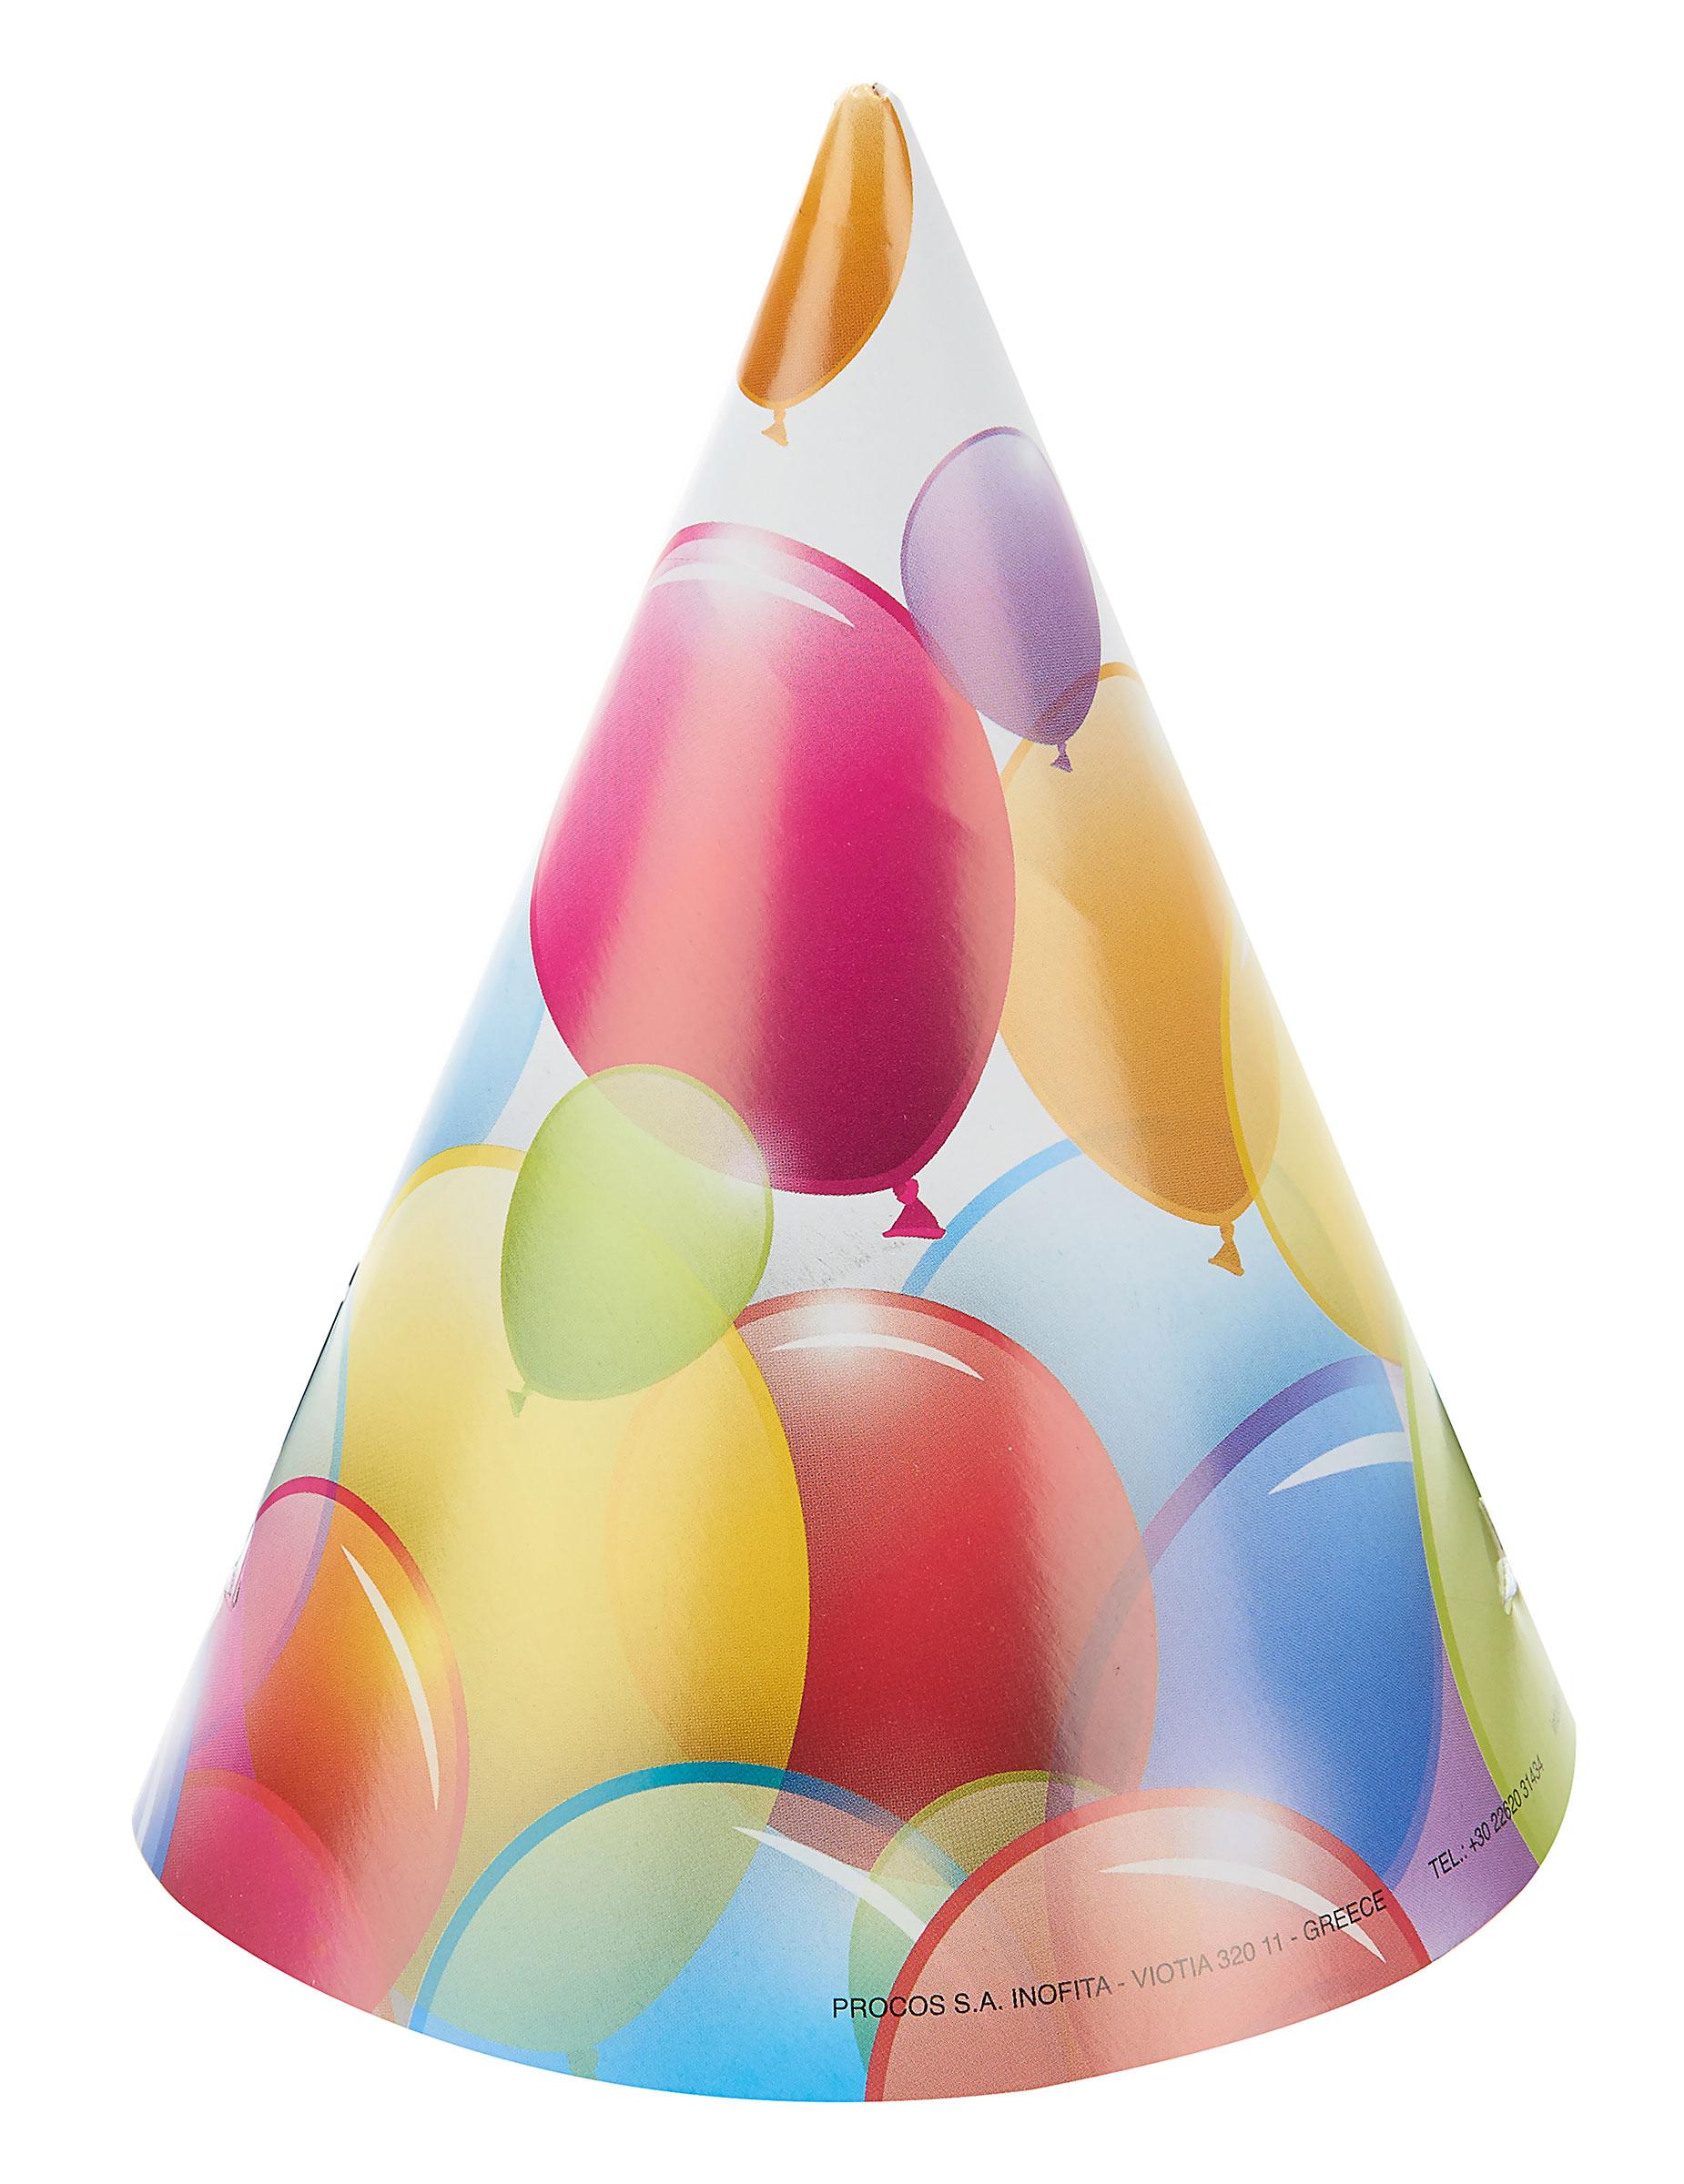 Sombreros para fiestas globos decoración disfraces originales jpg 1850x2400 Sombreros  para fiestas b8bc185de0c